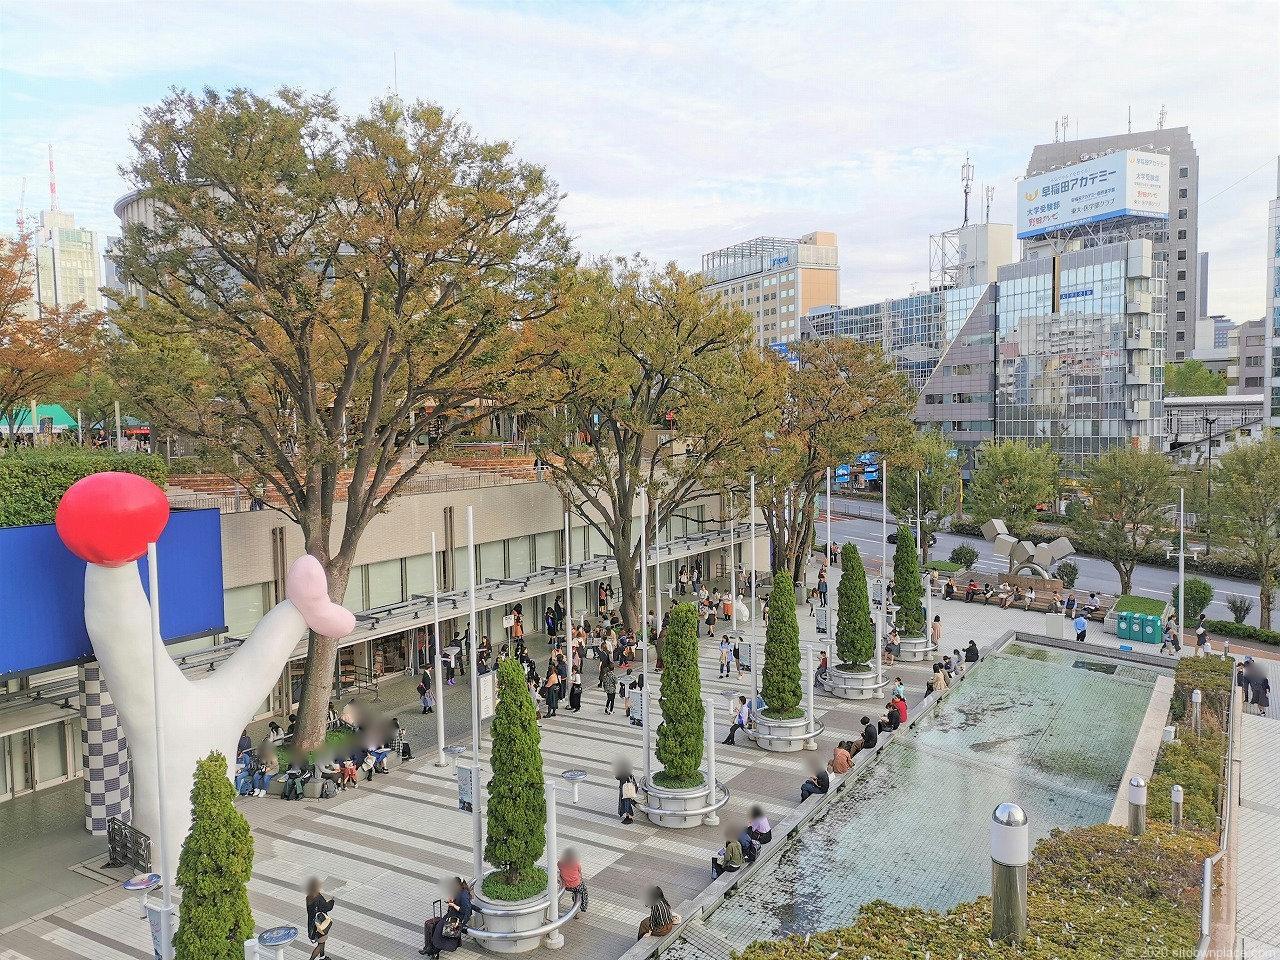 水道橋駅 東京ドームシティホール前の外観